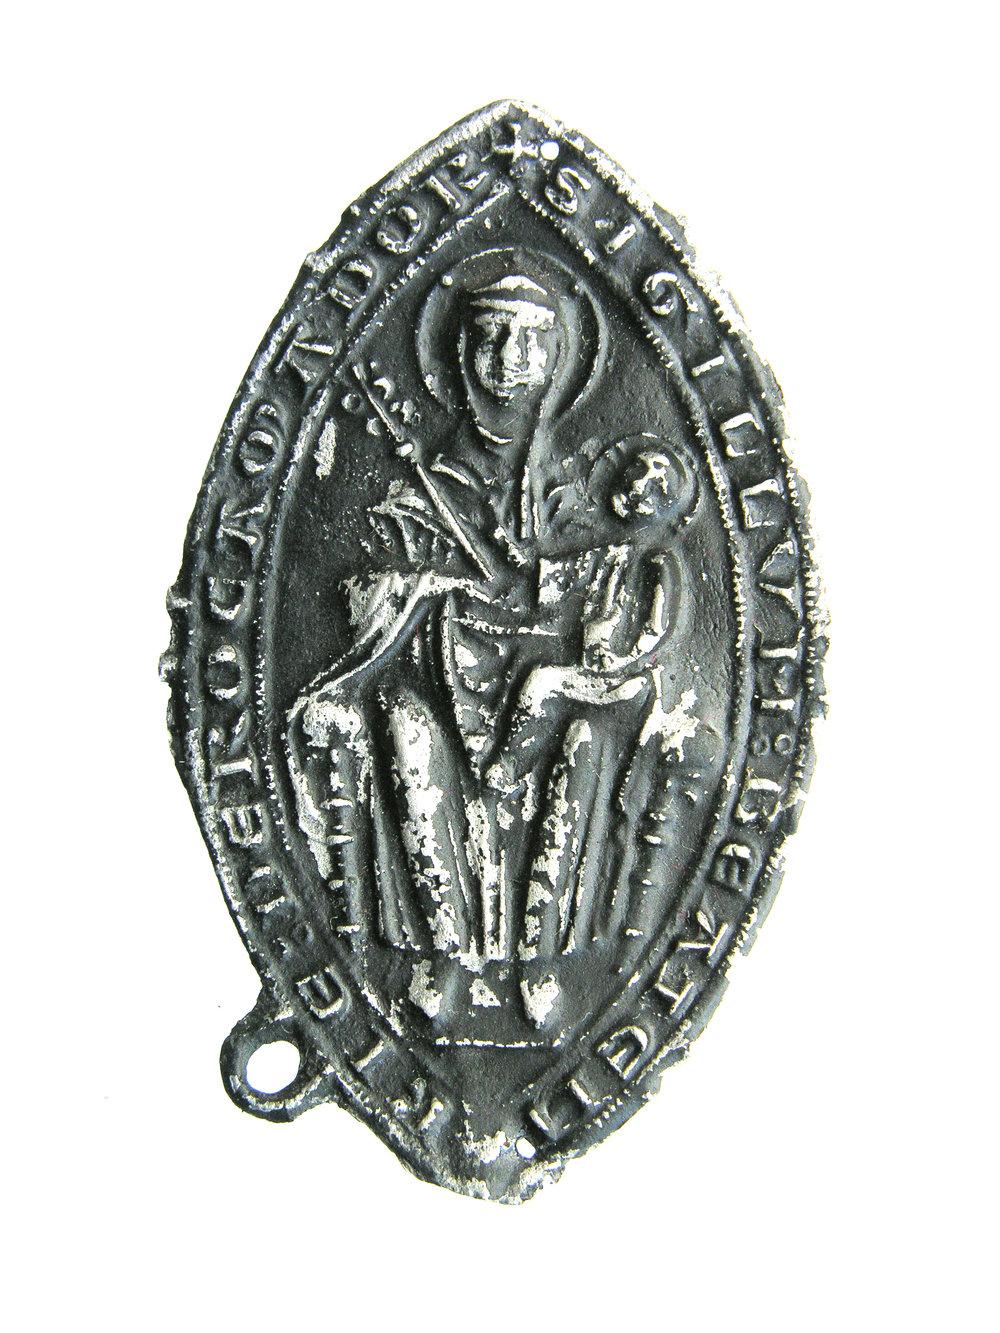 Afbeelding 1: Insigne van Maria, Rocamadour, gevonden in Reimerswaal, lood-tin, 64 x 40 mm, collectie Familie Van Beuningen, inv. 144 (HP1 473)